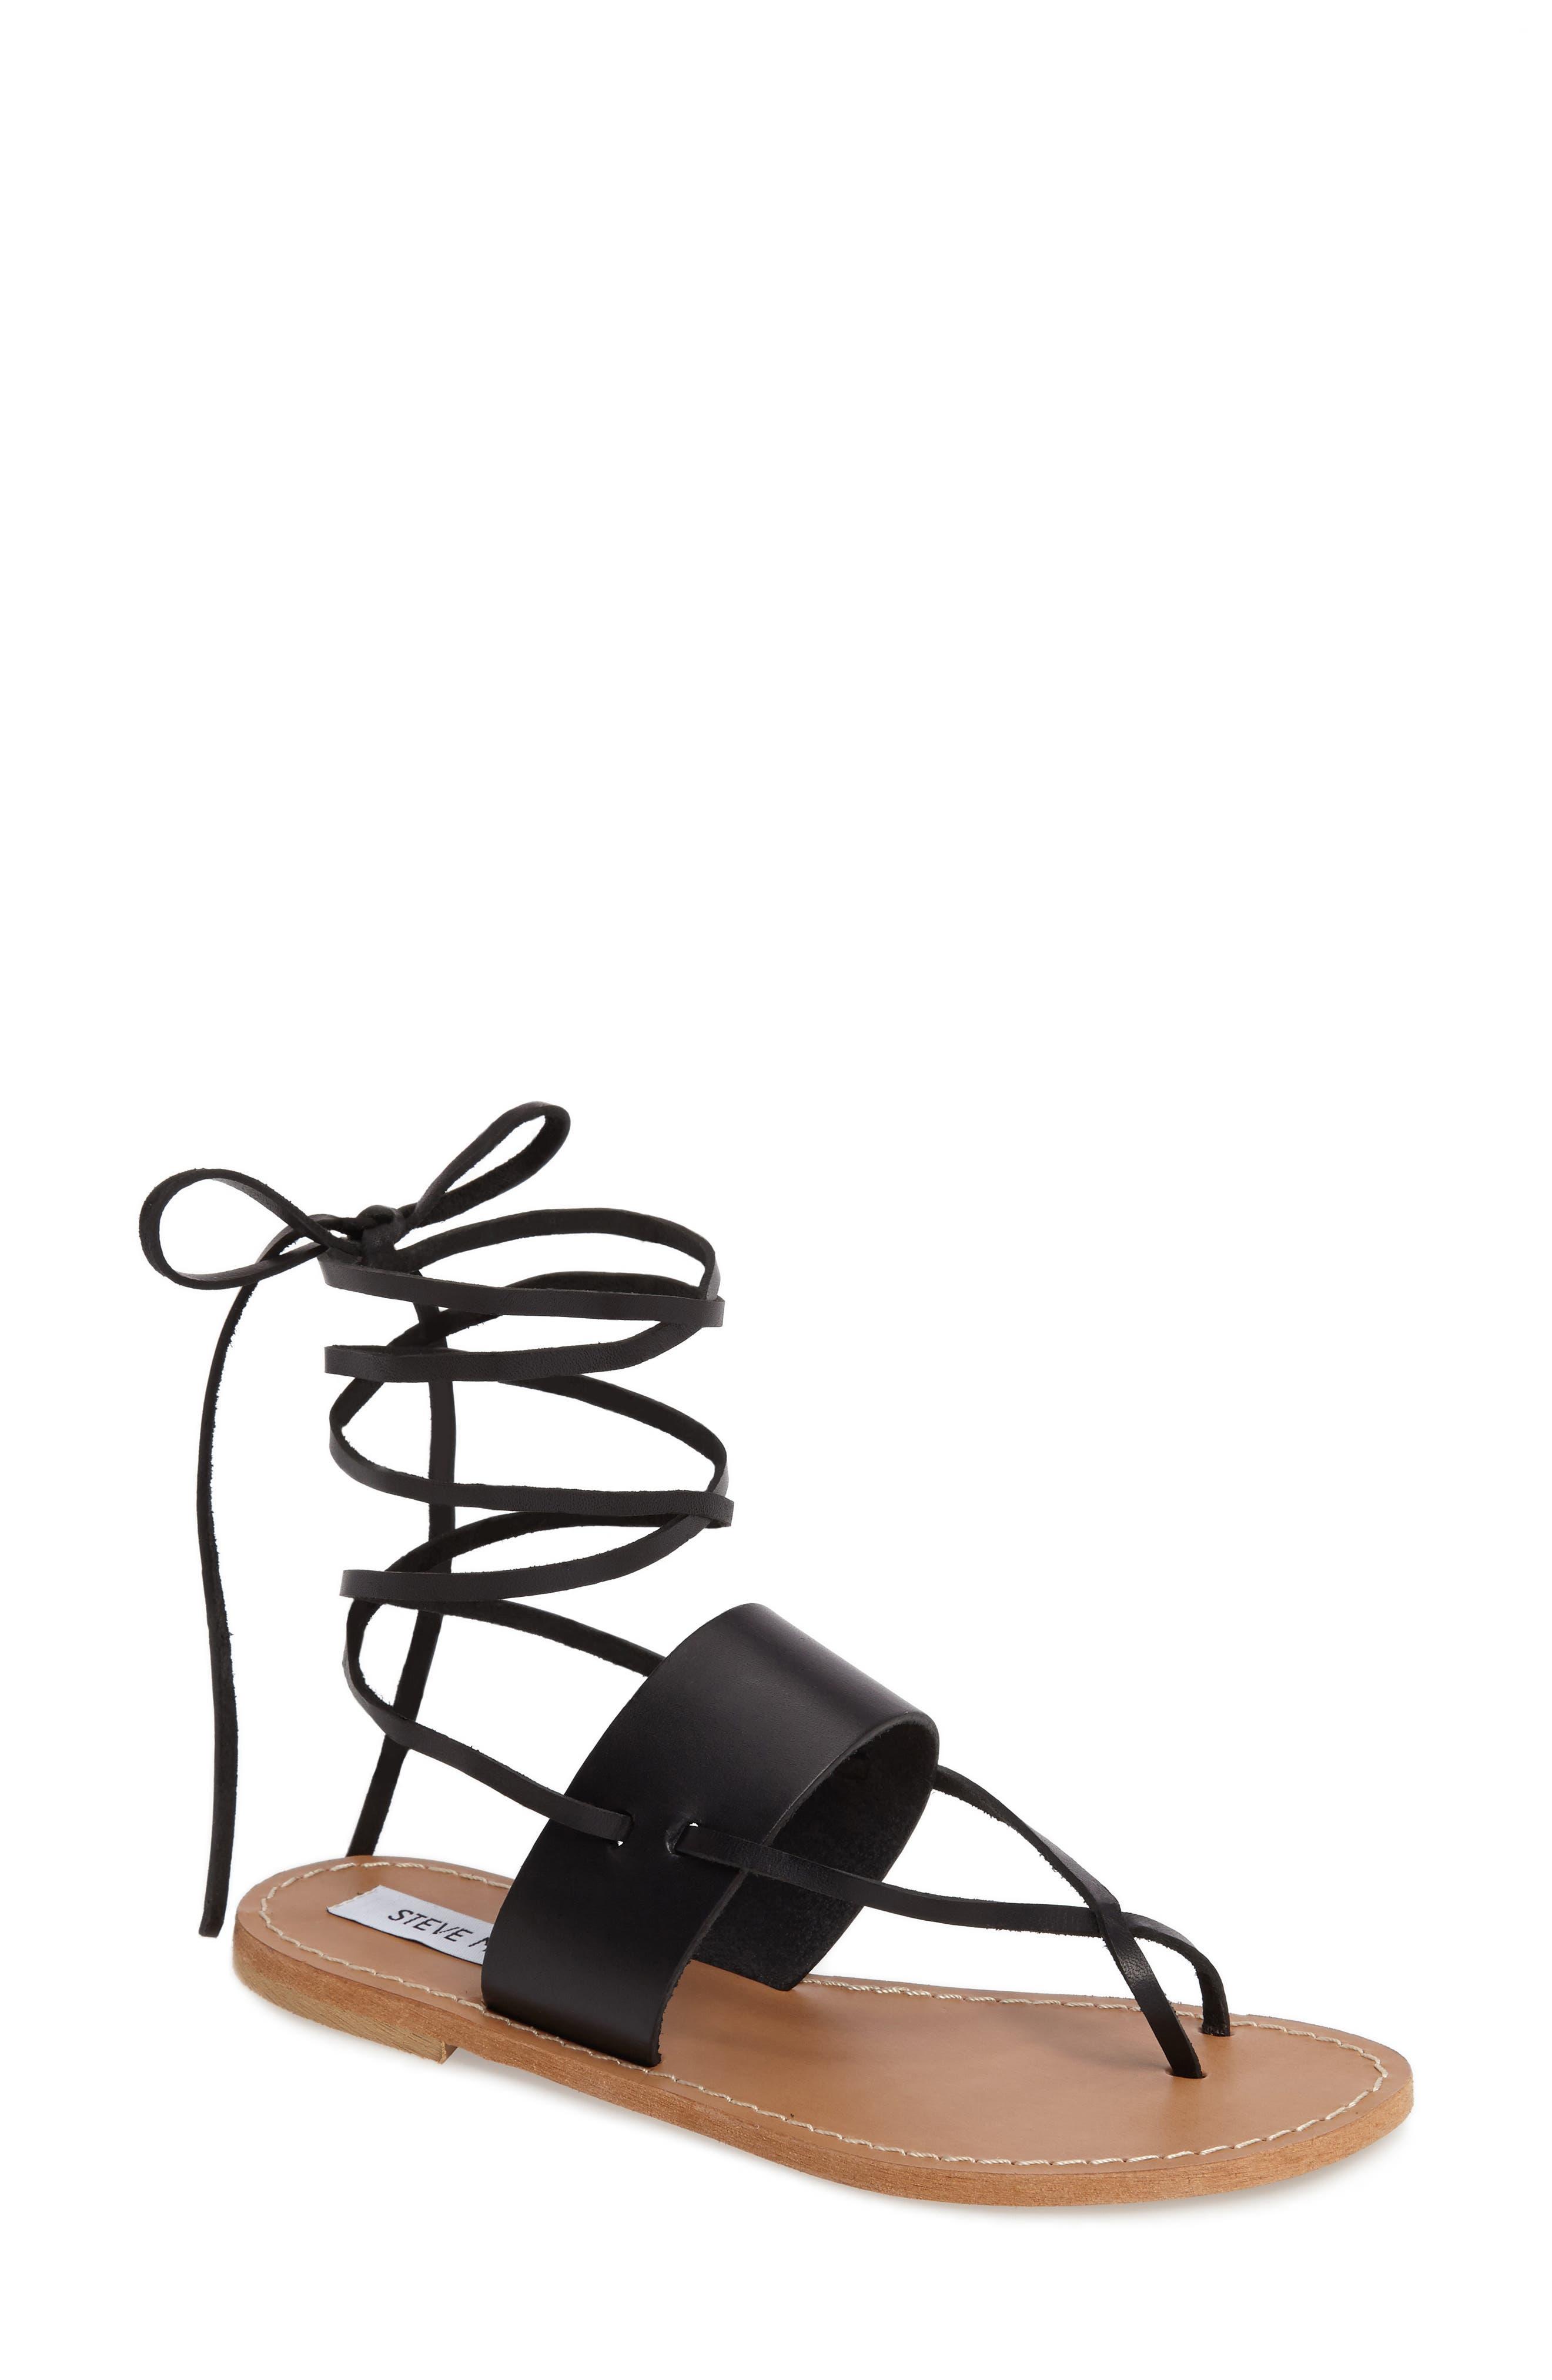 Bianca Lace-Up Sandal,                         Main,                         color, 001